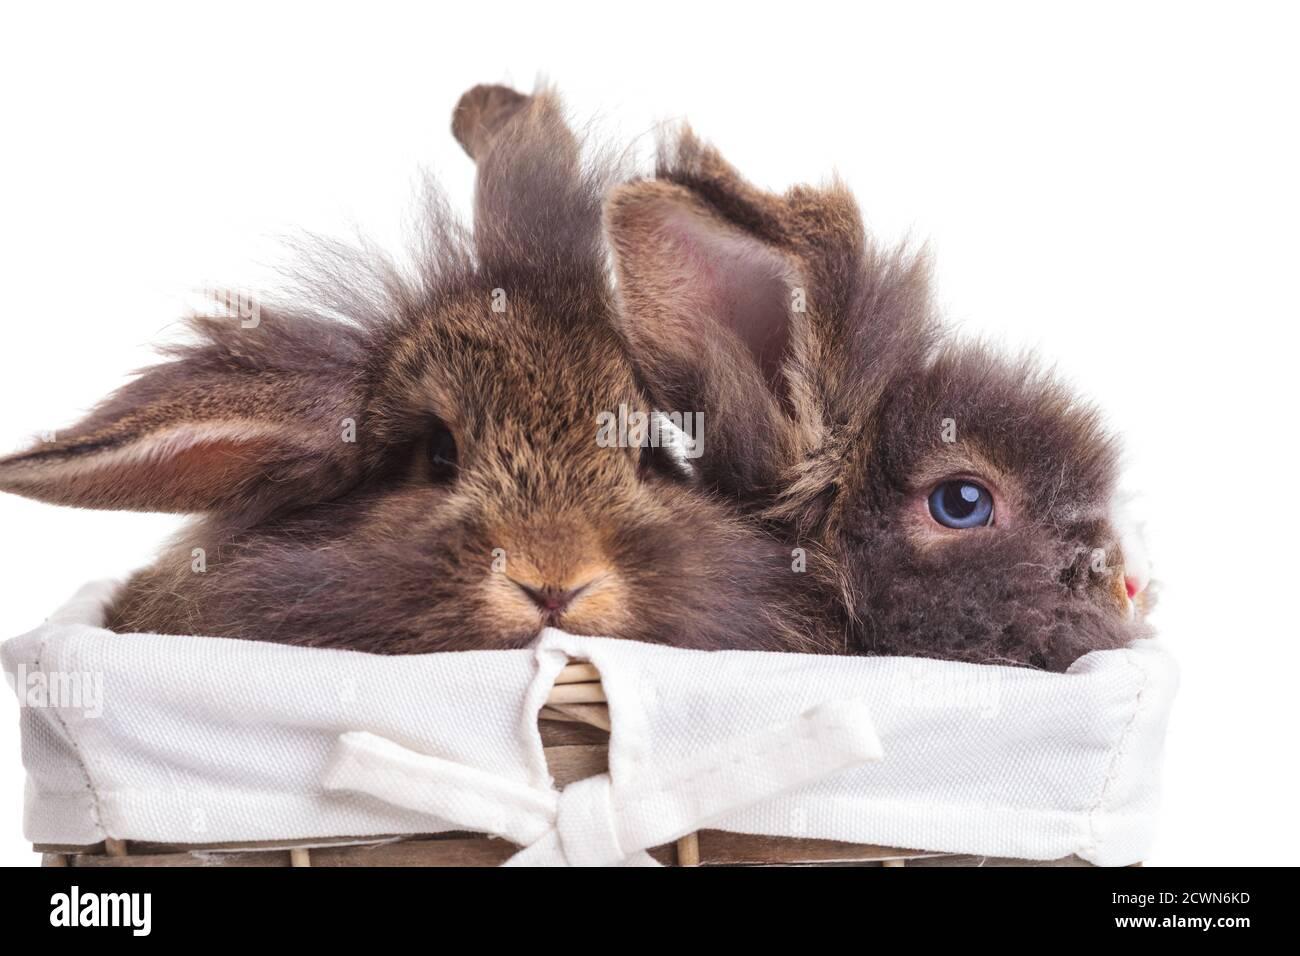 Dos lindos conejitos de conejo cabeza de león sentados dentro de una canasta de madera. Foto de stock